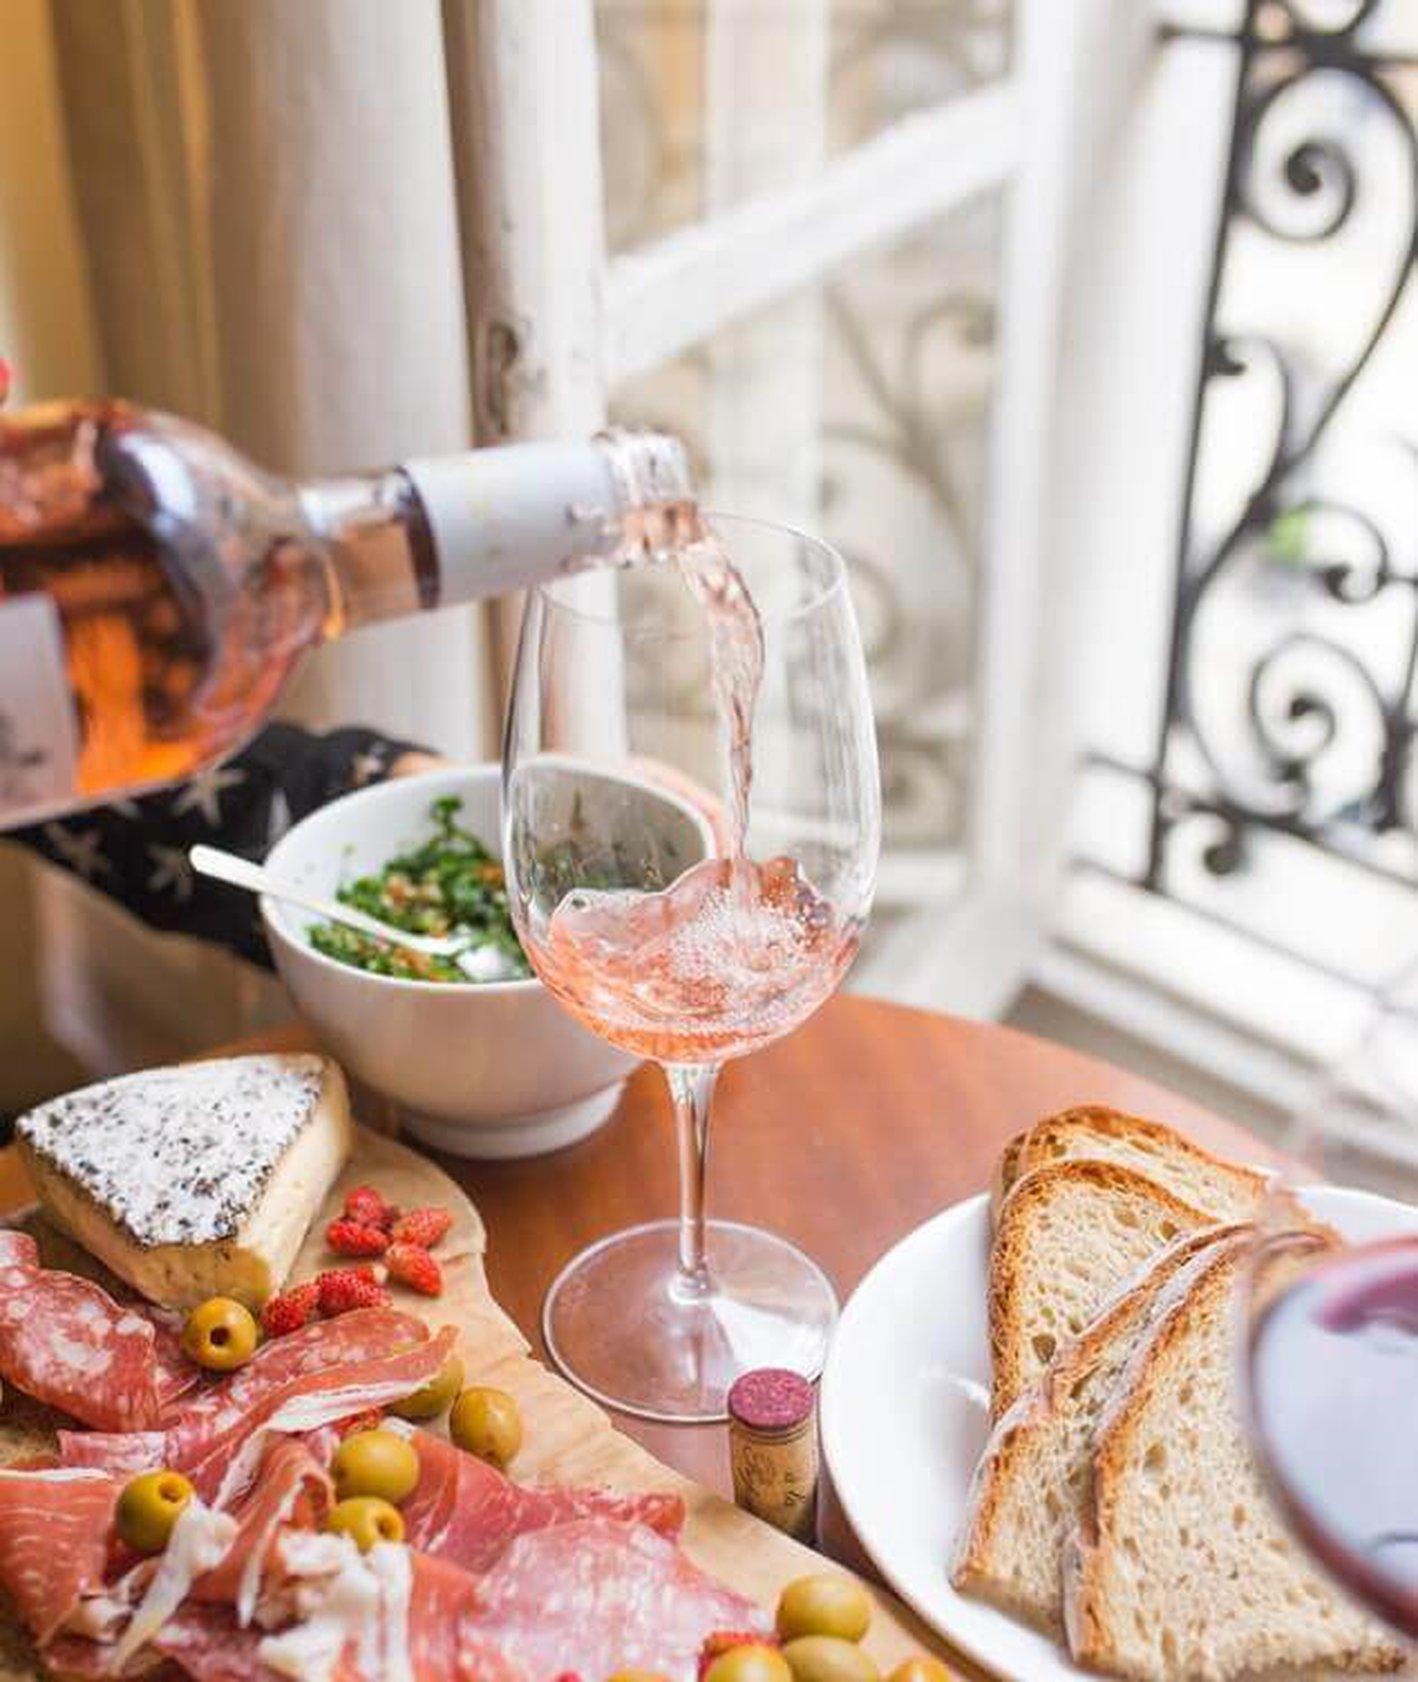 kieliszek wino, wino, Tomasz Prange-Barczyński, wiedza o winie. jak wybrać wino